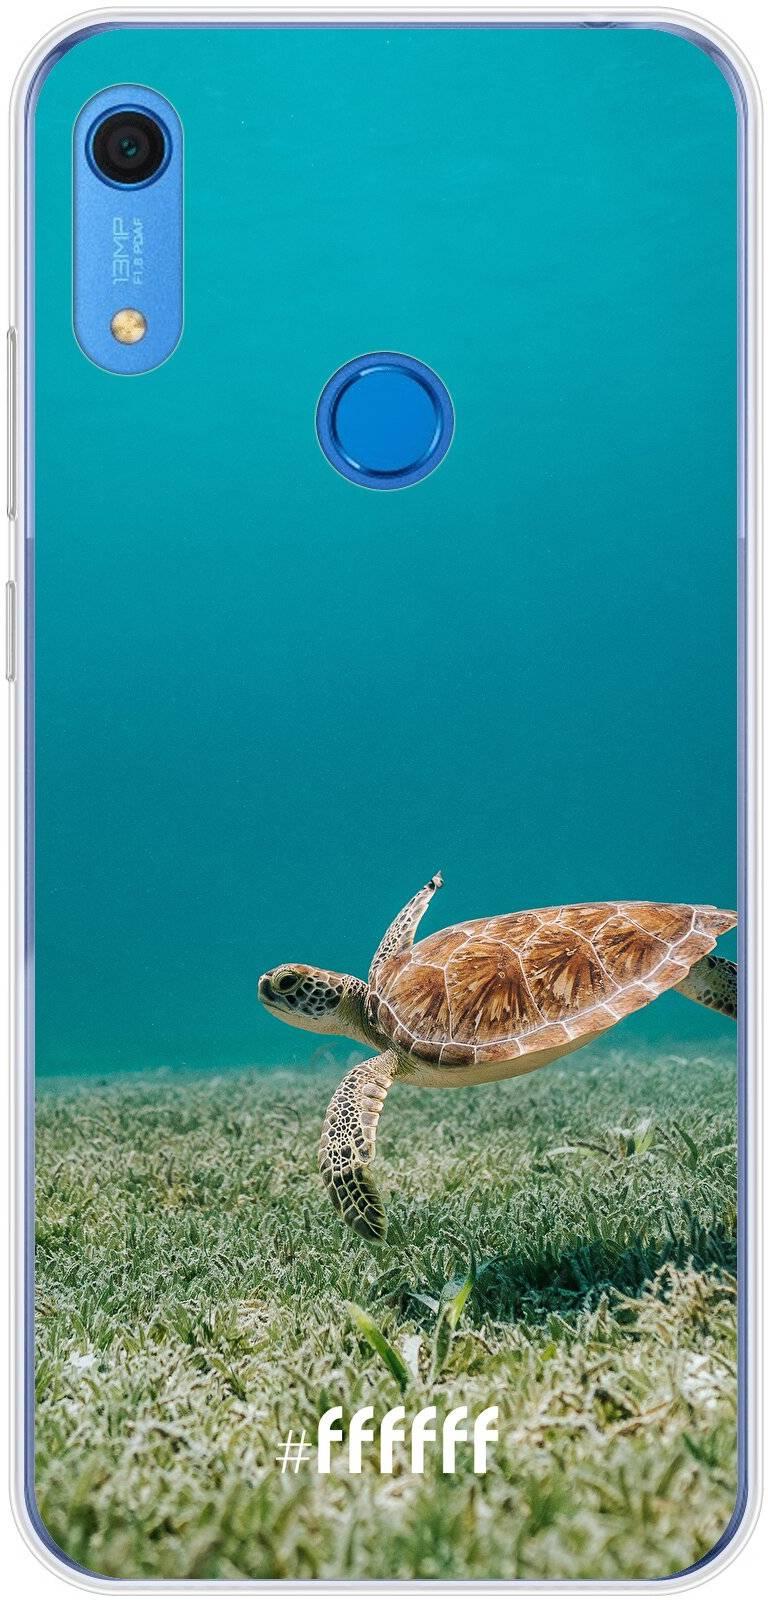 Turtle Y6s